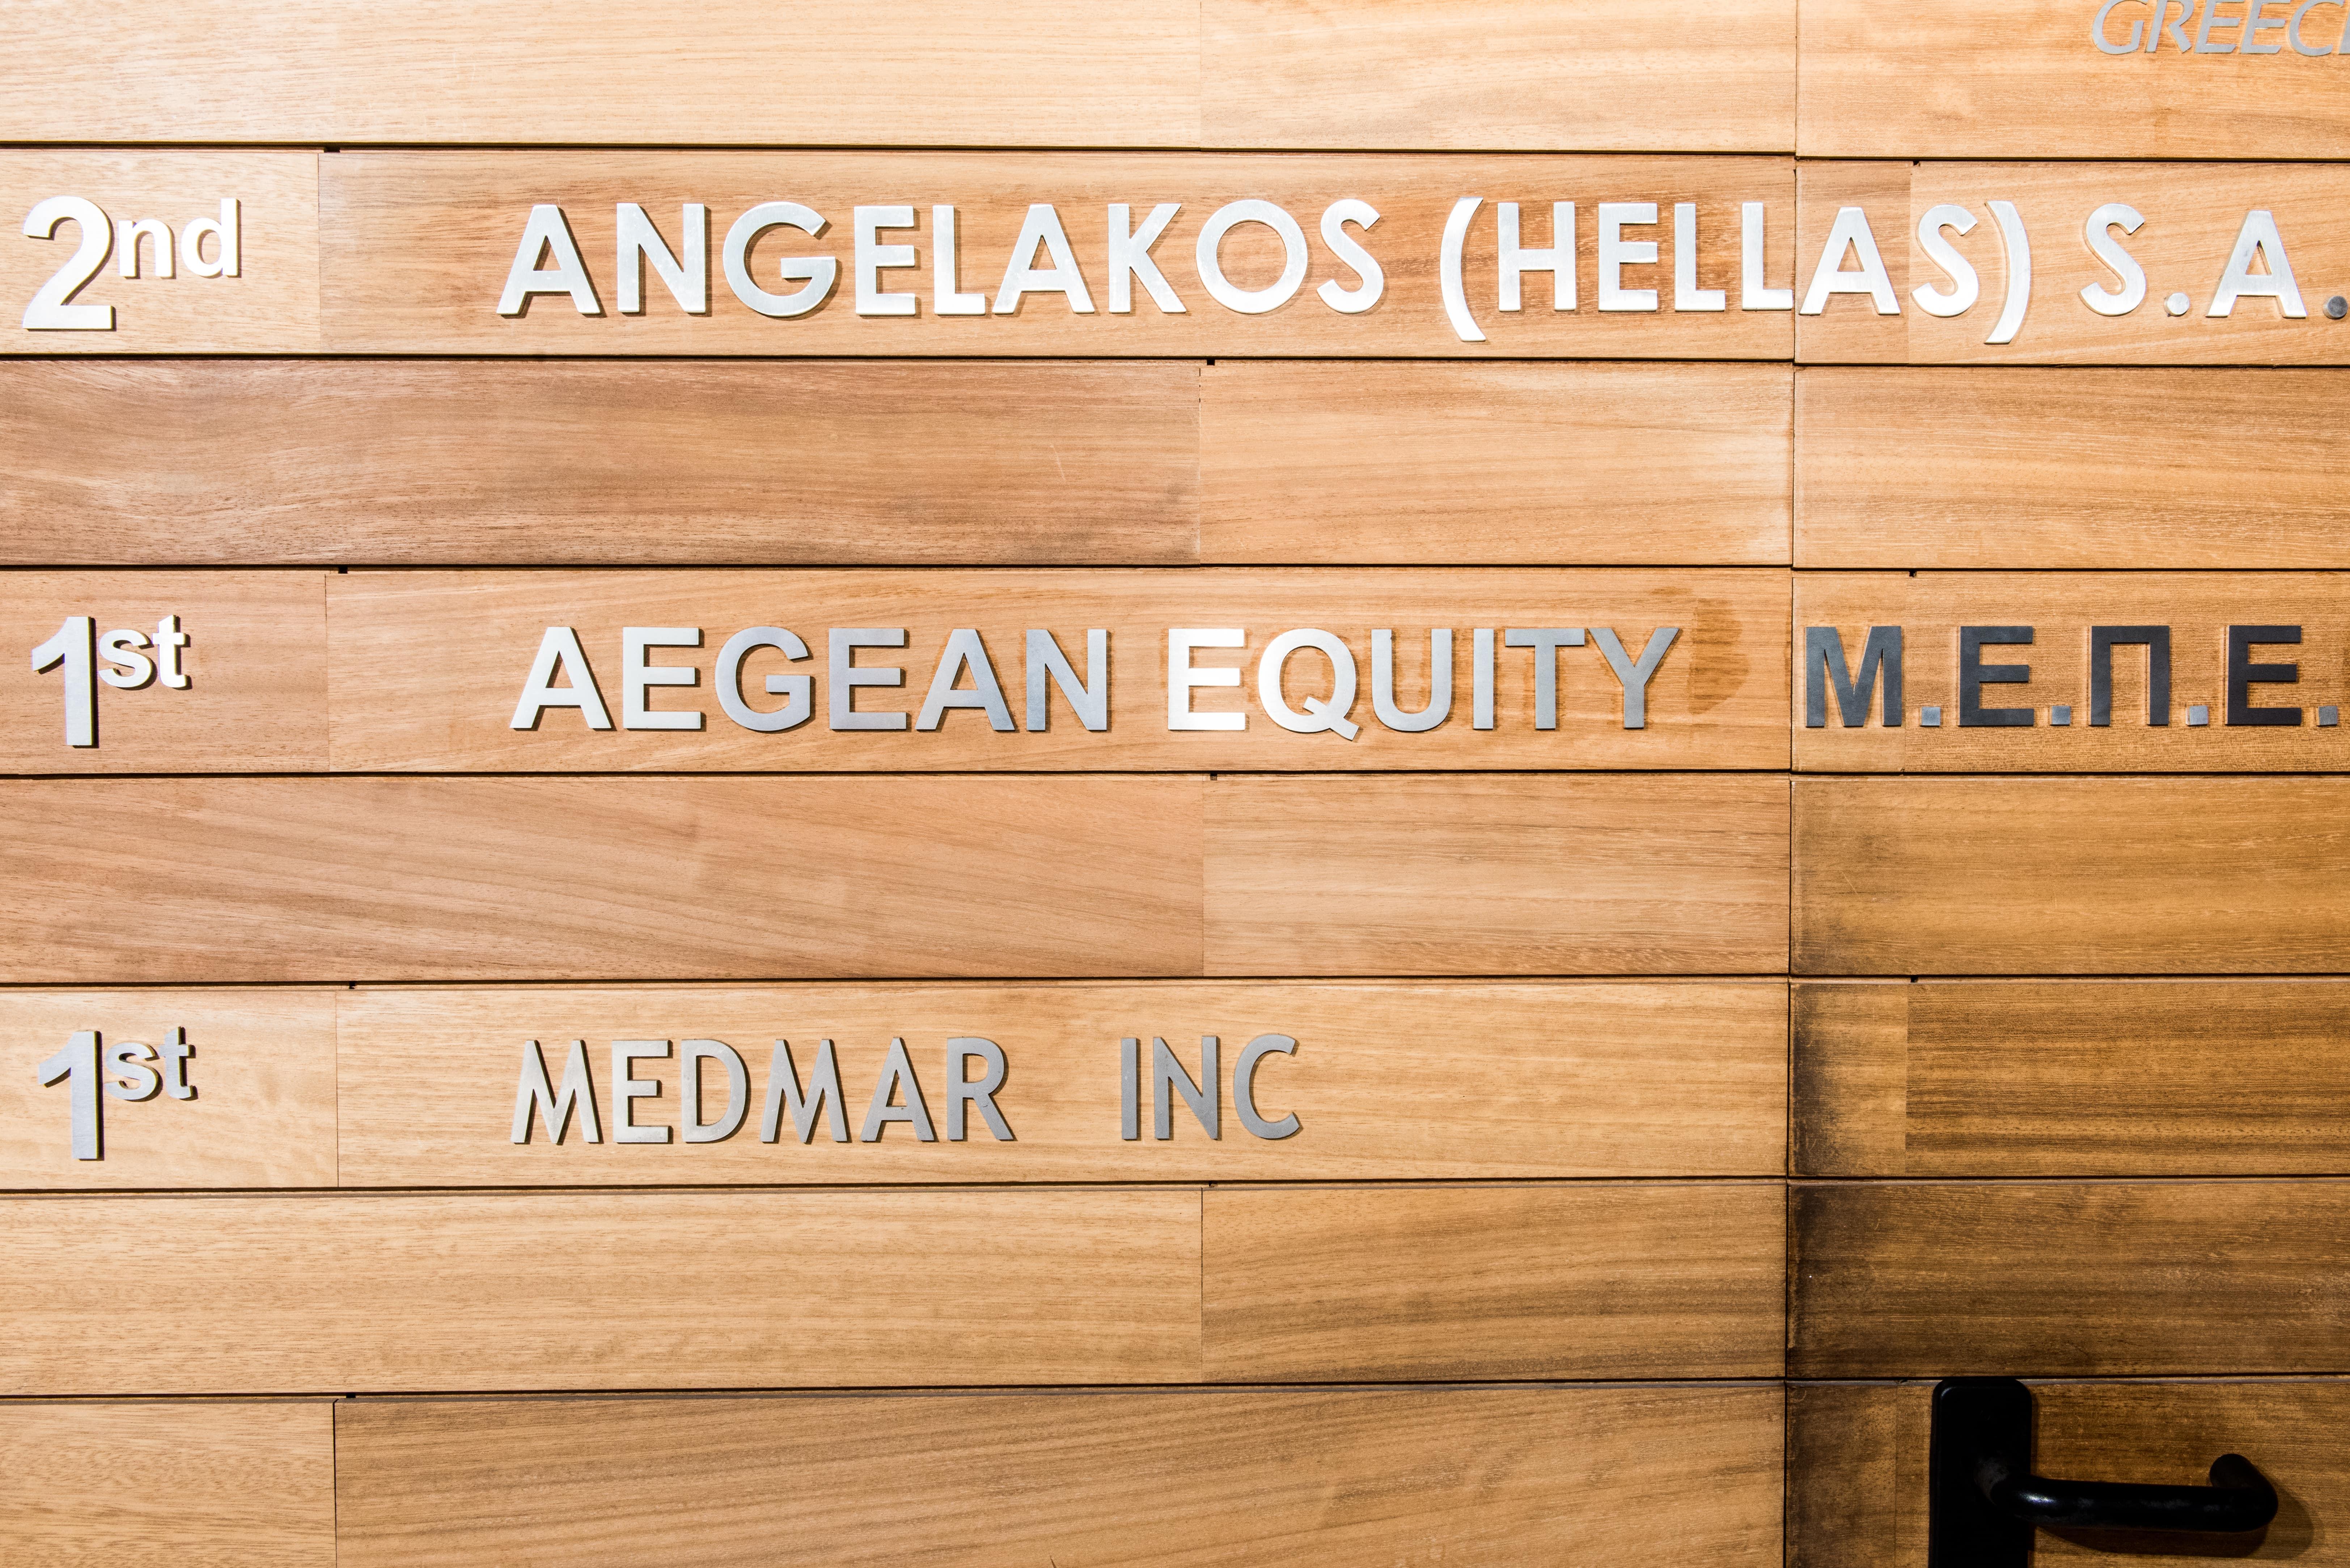 Η Aegean Equity είναι στον πρώτο όροφο